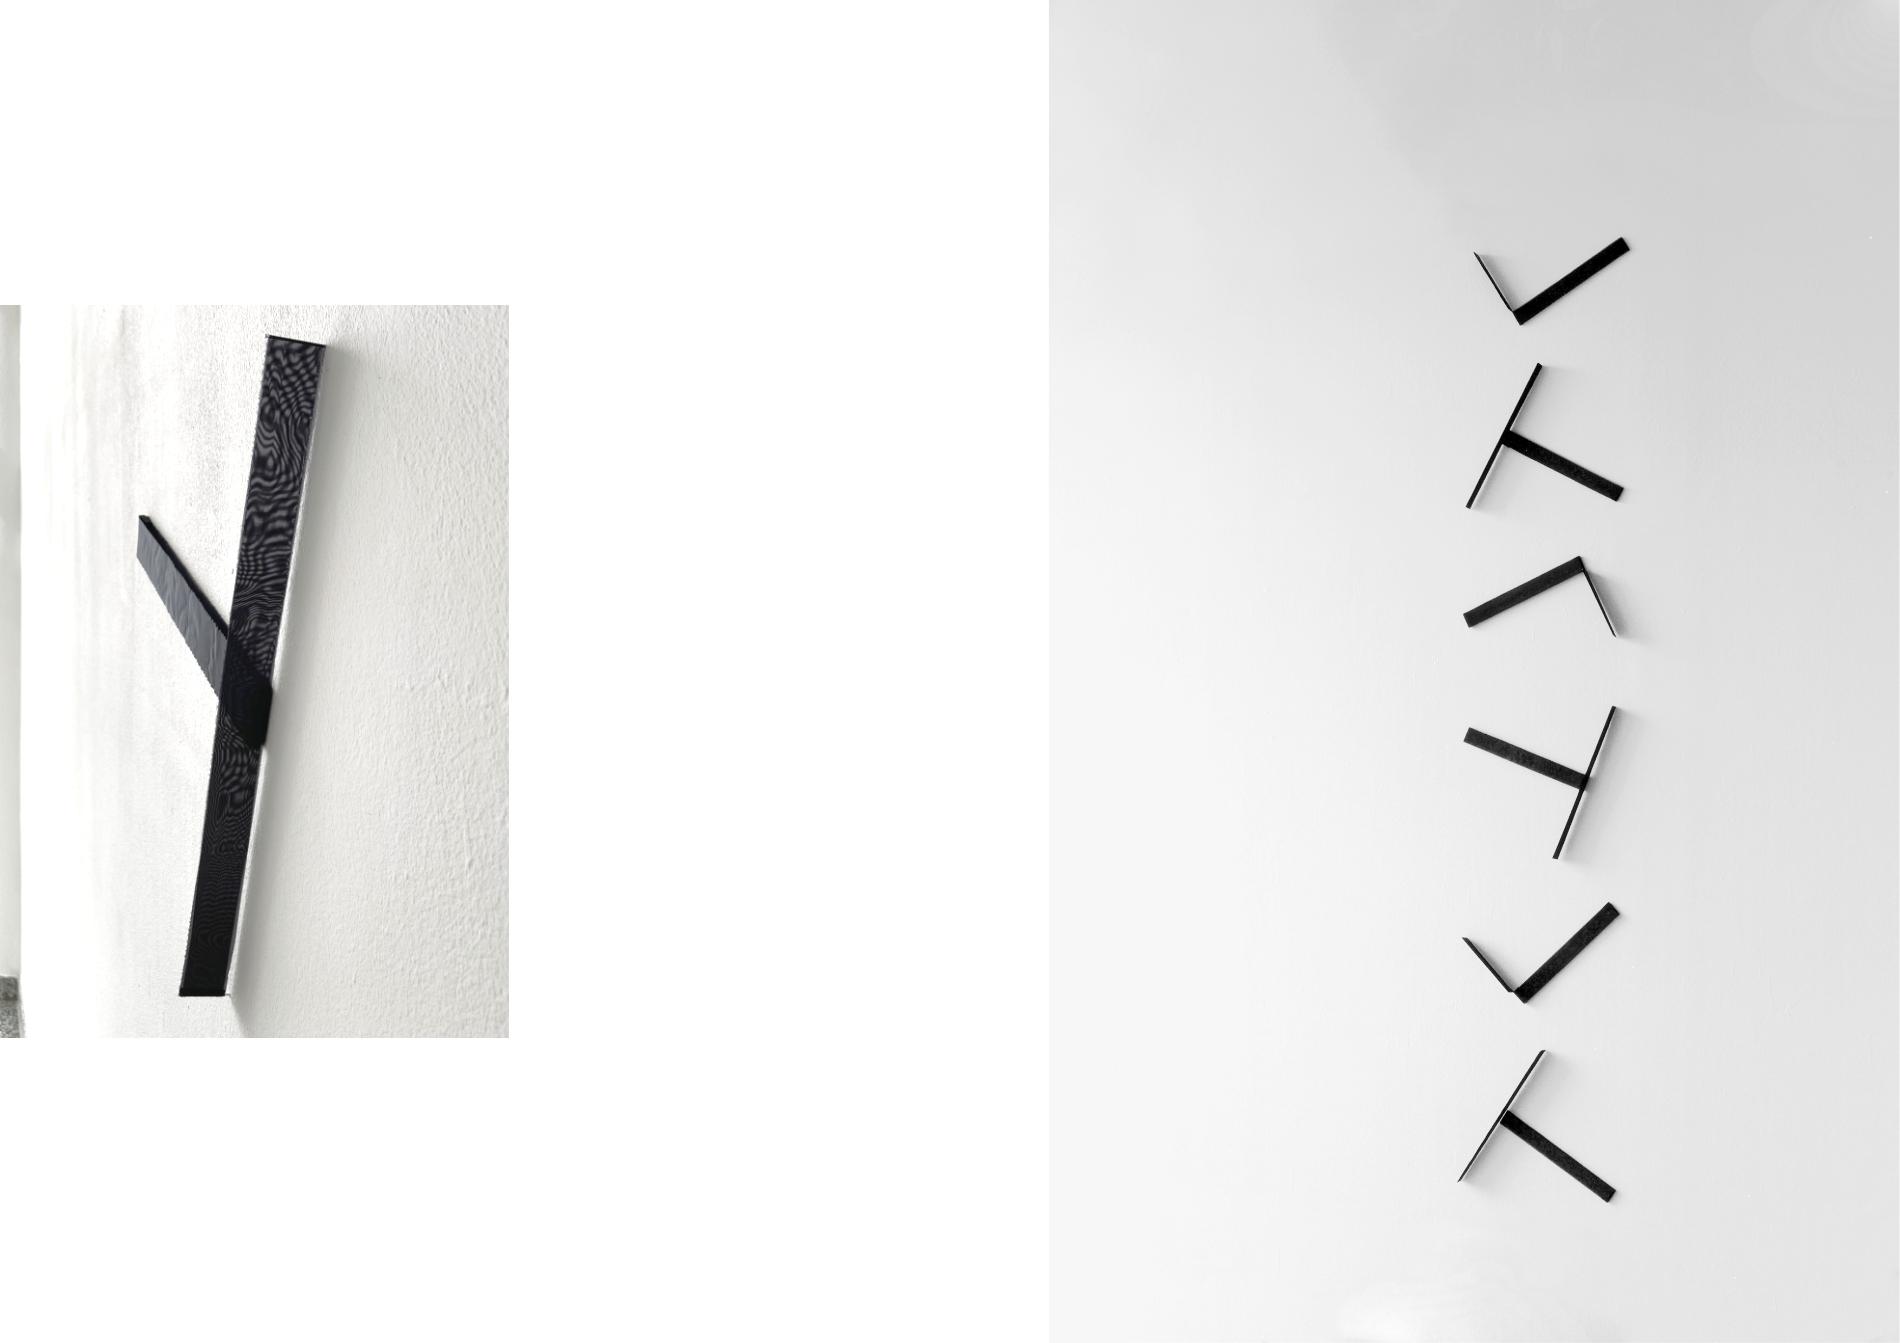 elements #1_2021_tissue, steel pins_255 x 45 x 3 cm